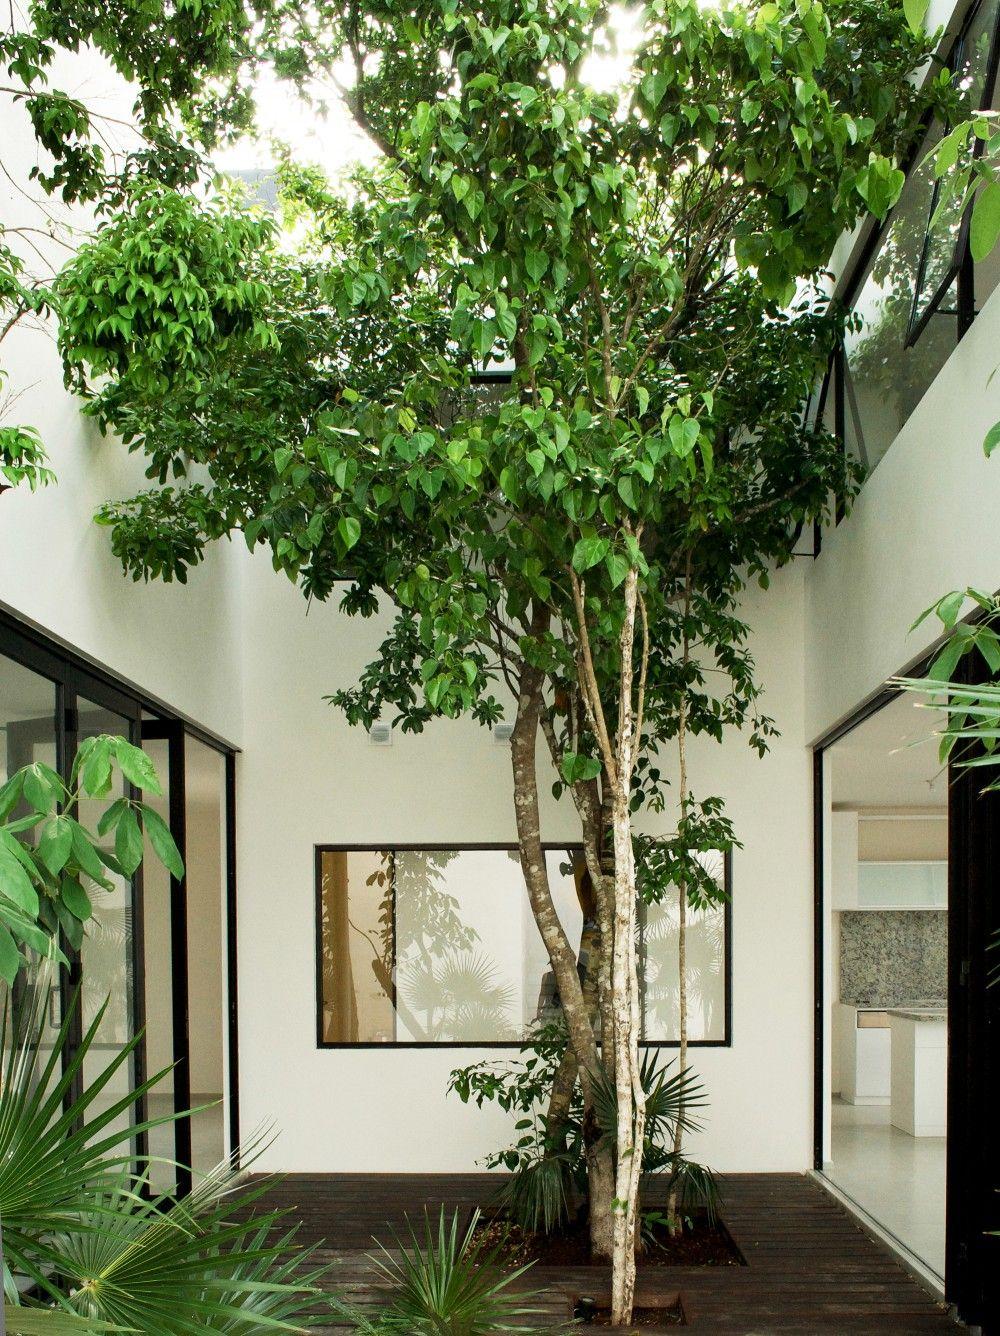 M s de 25 ideas incre bles sobre casas con jardin interior - Diseno de jardines interiores ...